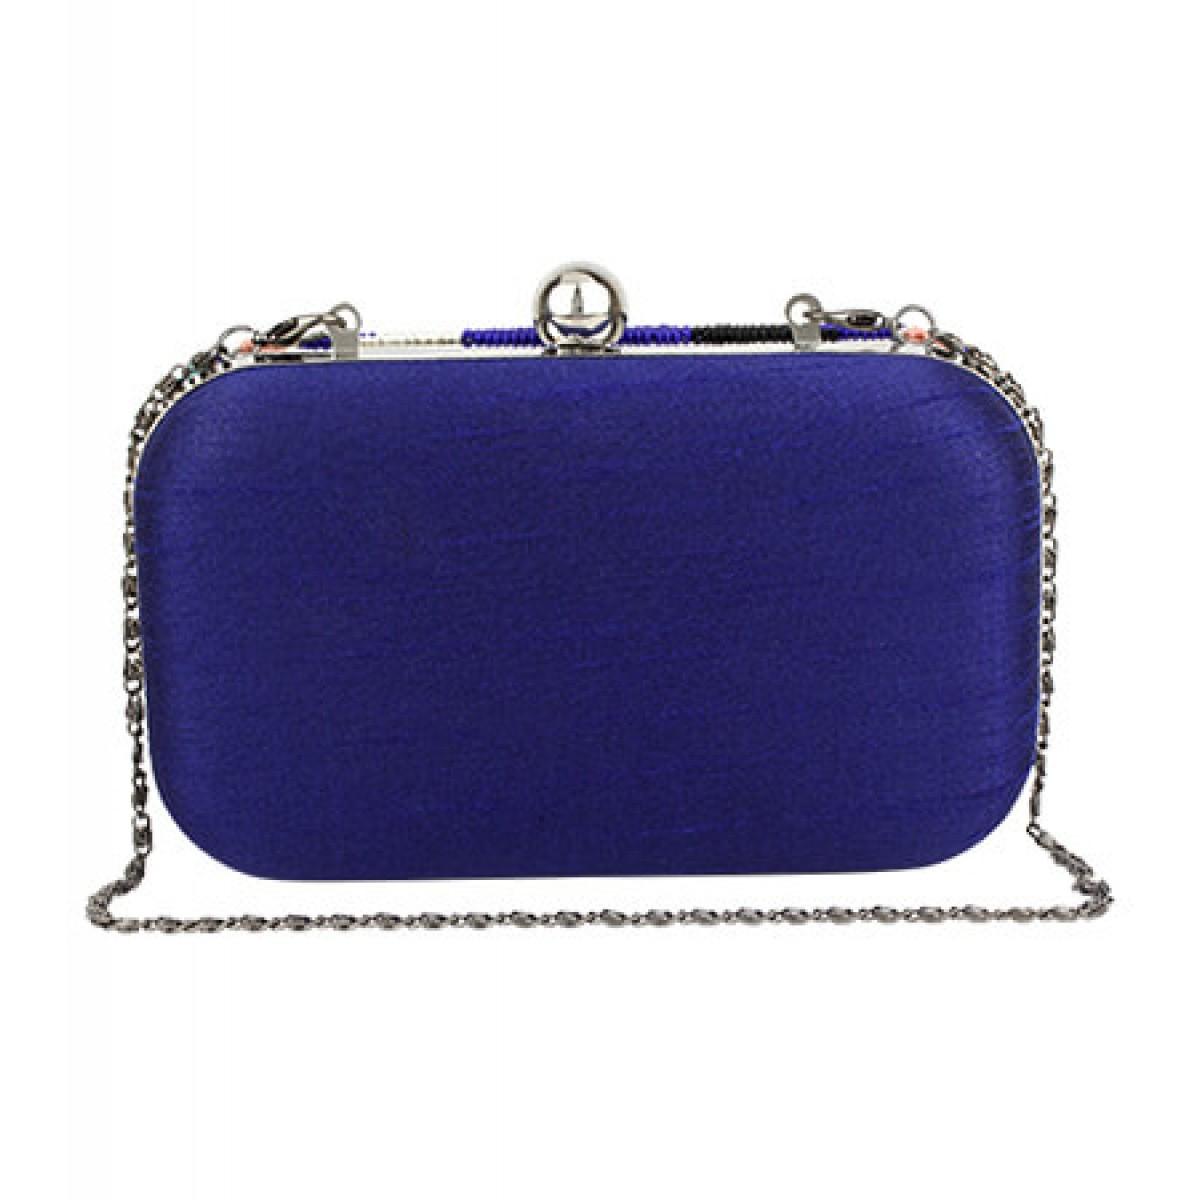 Beaded Flower Evening Clutch Bag - Blue